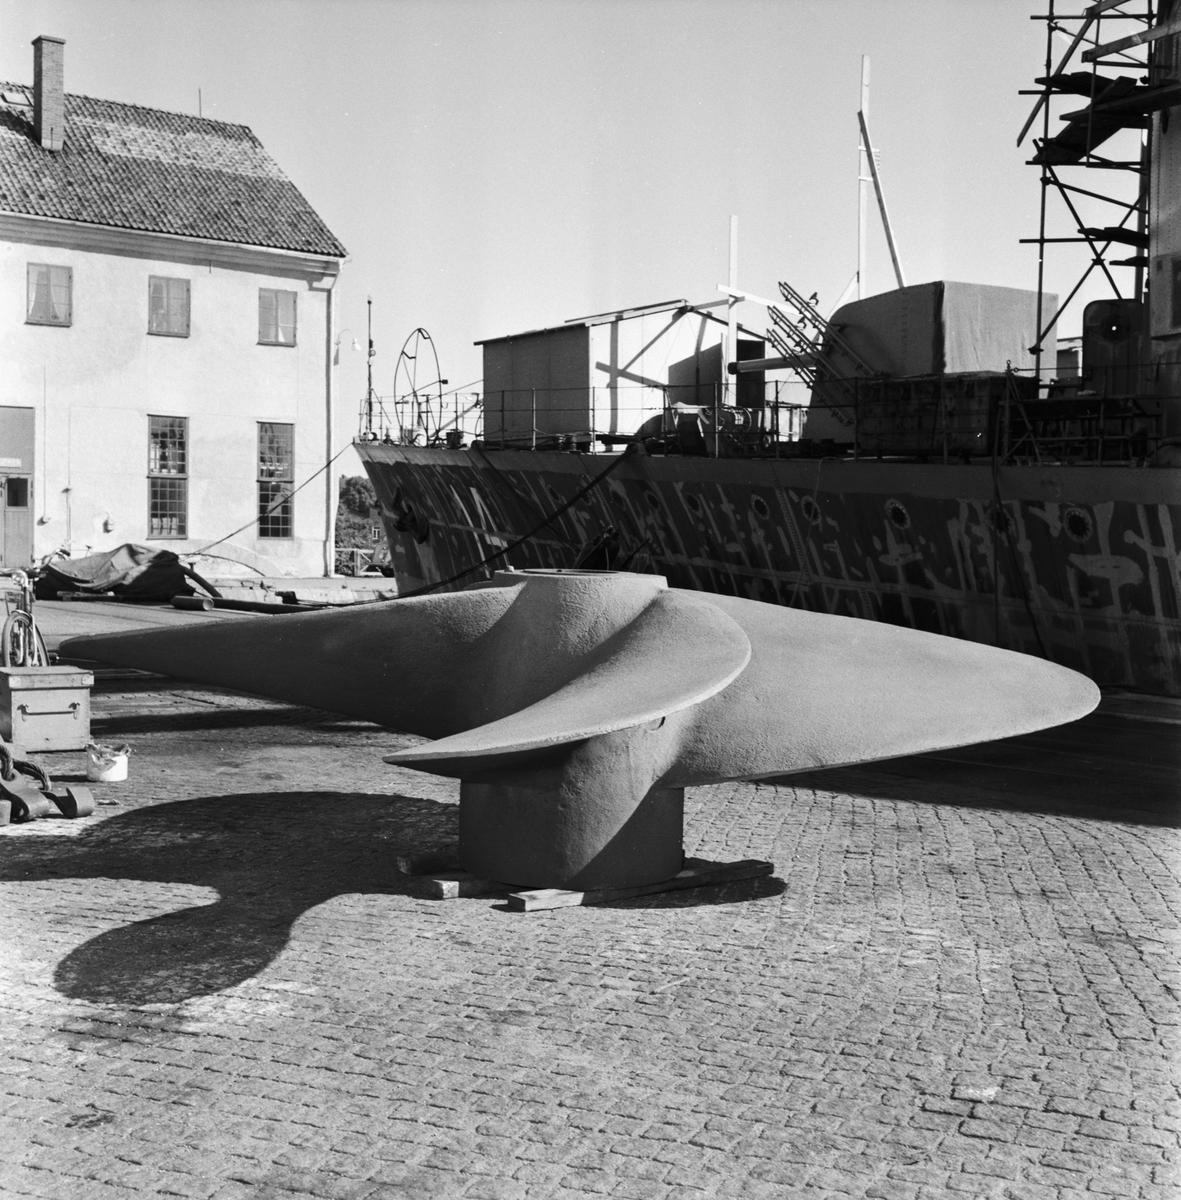 Övrigt: Foto datum: 13/9 1958 Byggnader och kranar Sprutförginkning